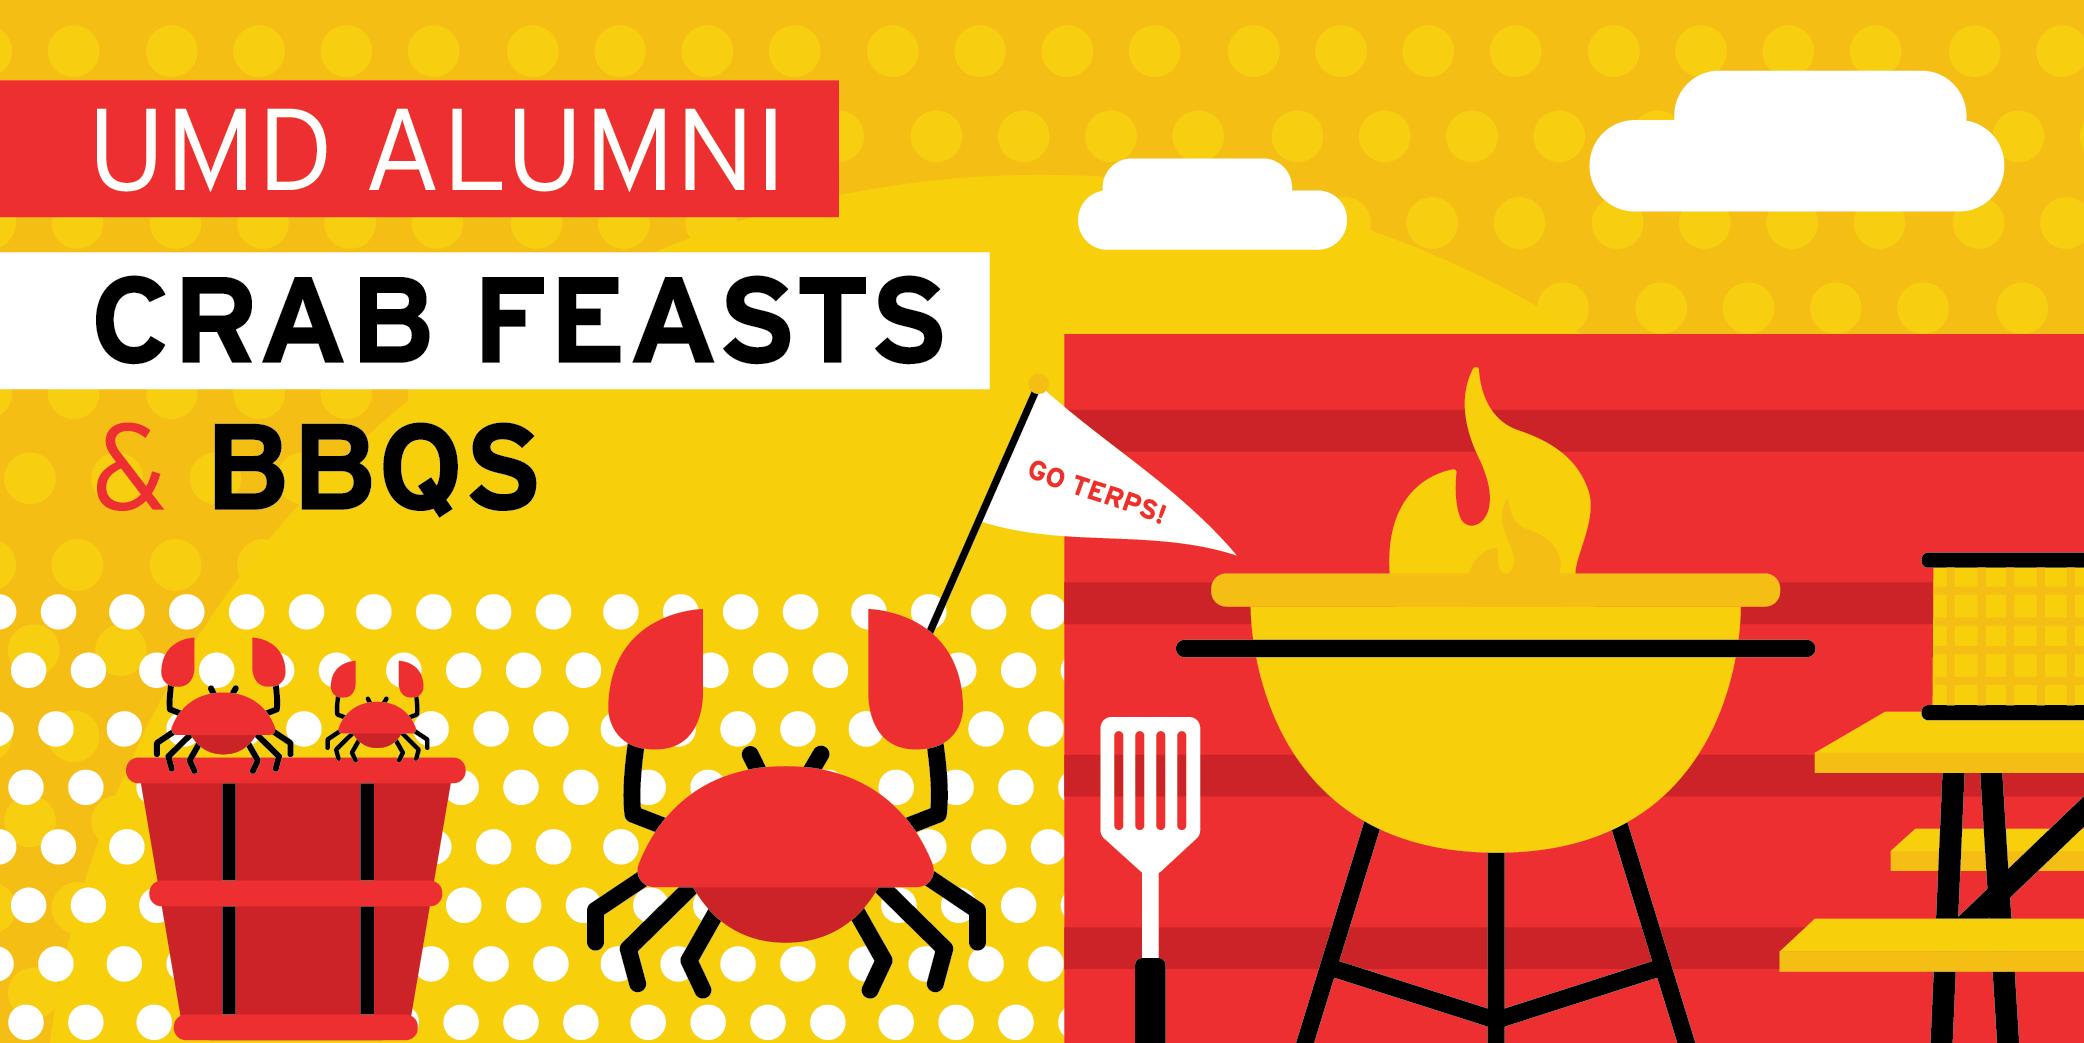 UMD Alumni Crab Feasts & BBQs